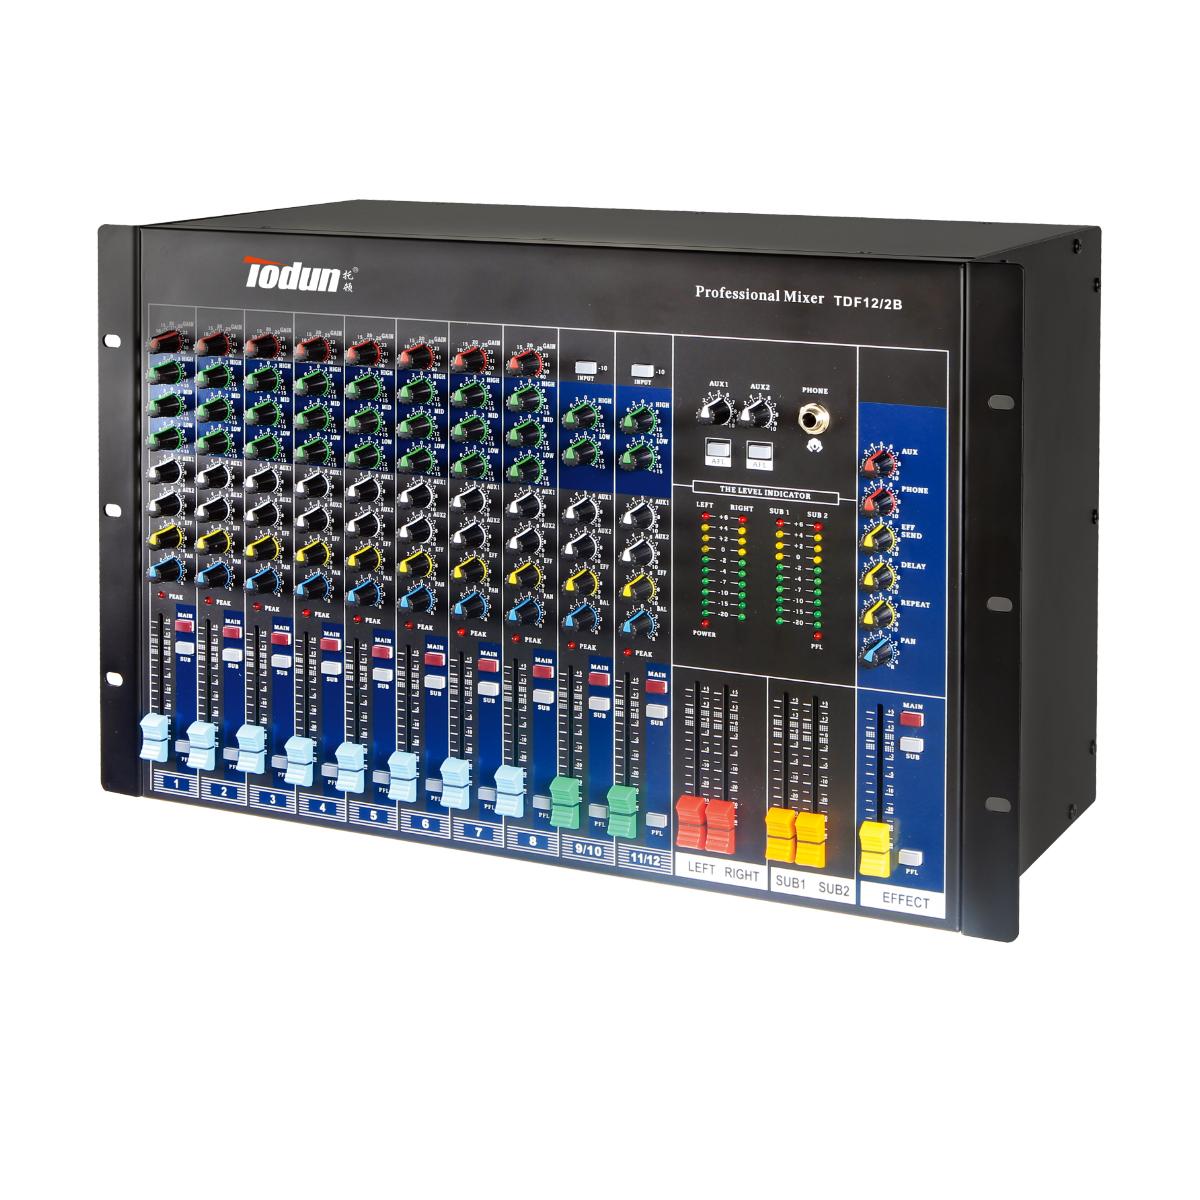 托顿TDF12/ 2B 扩声音响周边设备 12路机柜式调音台